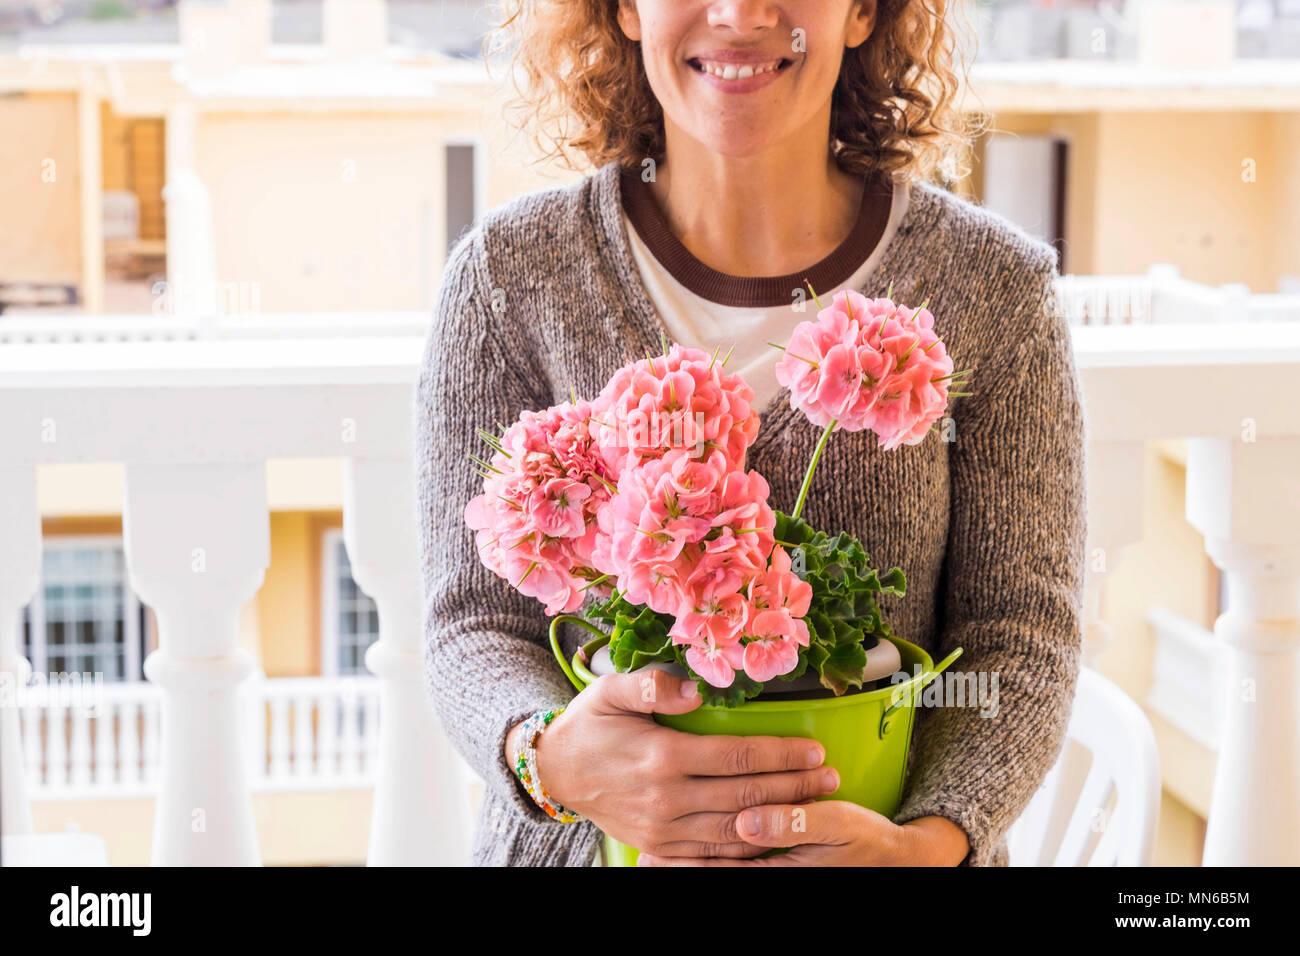 Bella la mezza età donna caucasica sorriso e proteggere i suoi fiori avendo cura di loro con un abbraccio. terrazza esterna a casa in scena con i colori della primavera Immagini Stock